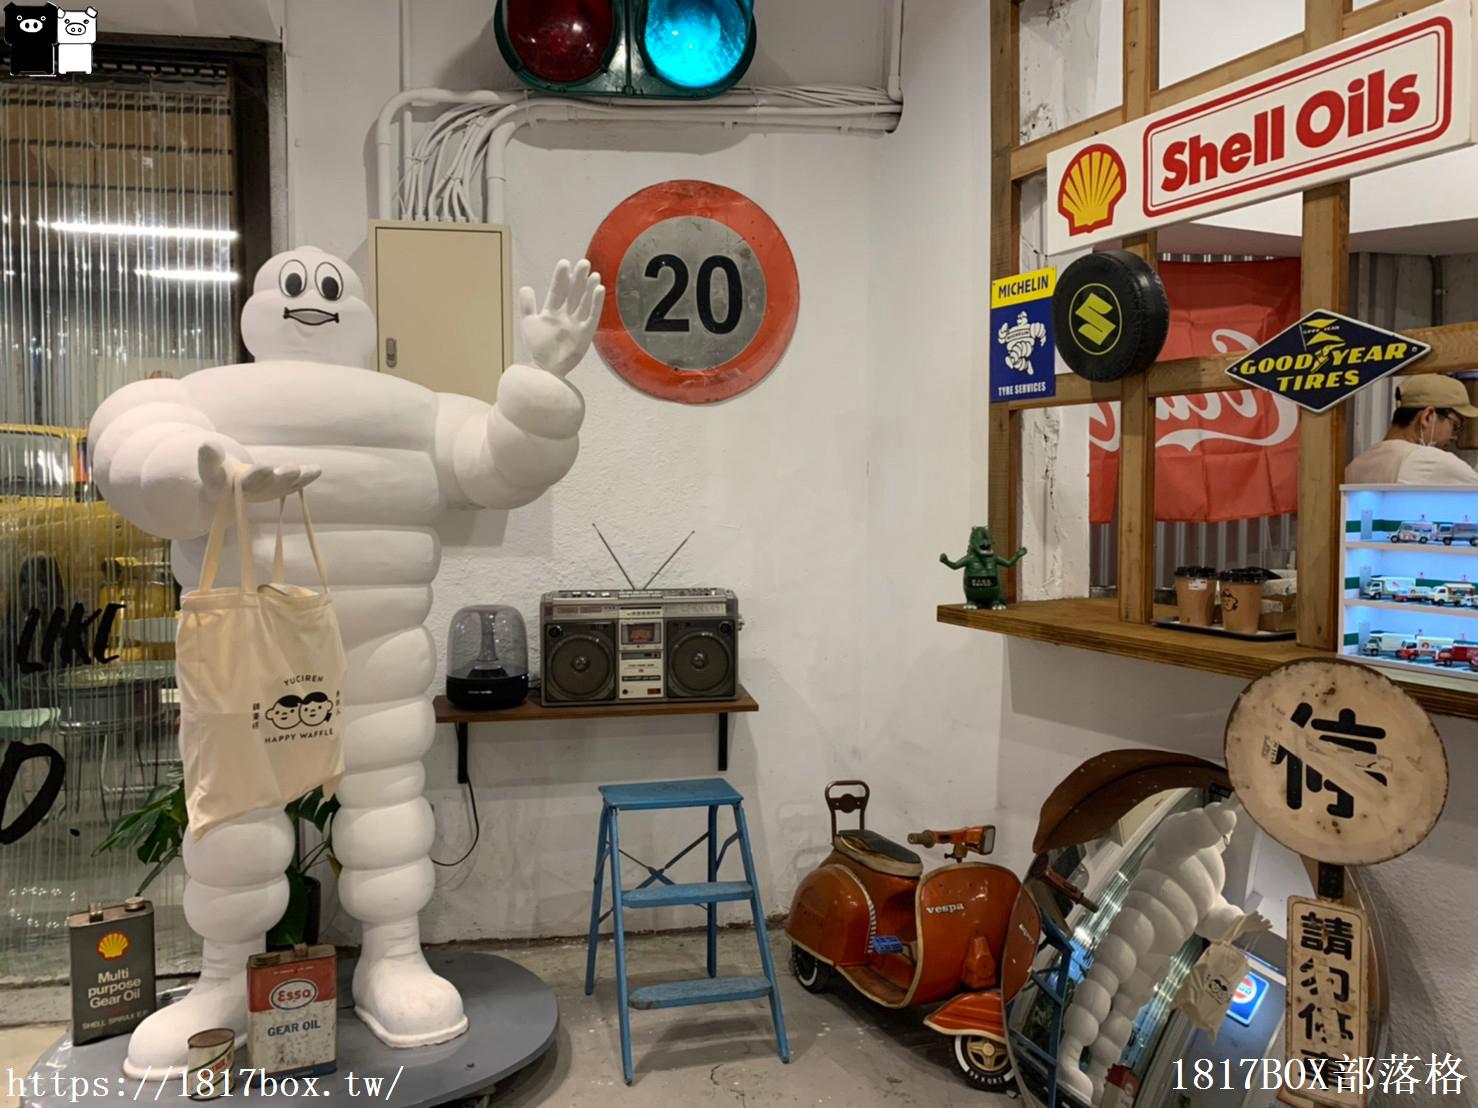 【台中。南區】魚刺人雞蛋糕-修車廠店。復古美式工業風。今日蜜麻花雞蛋糕 @1817BOX部落格